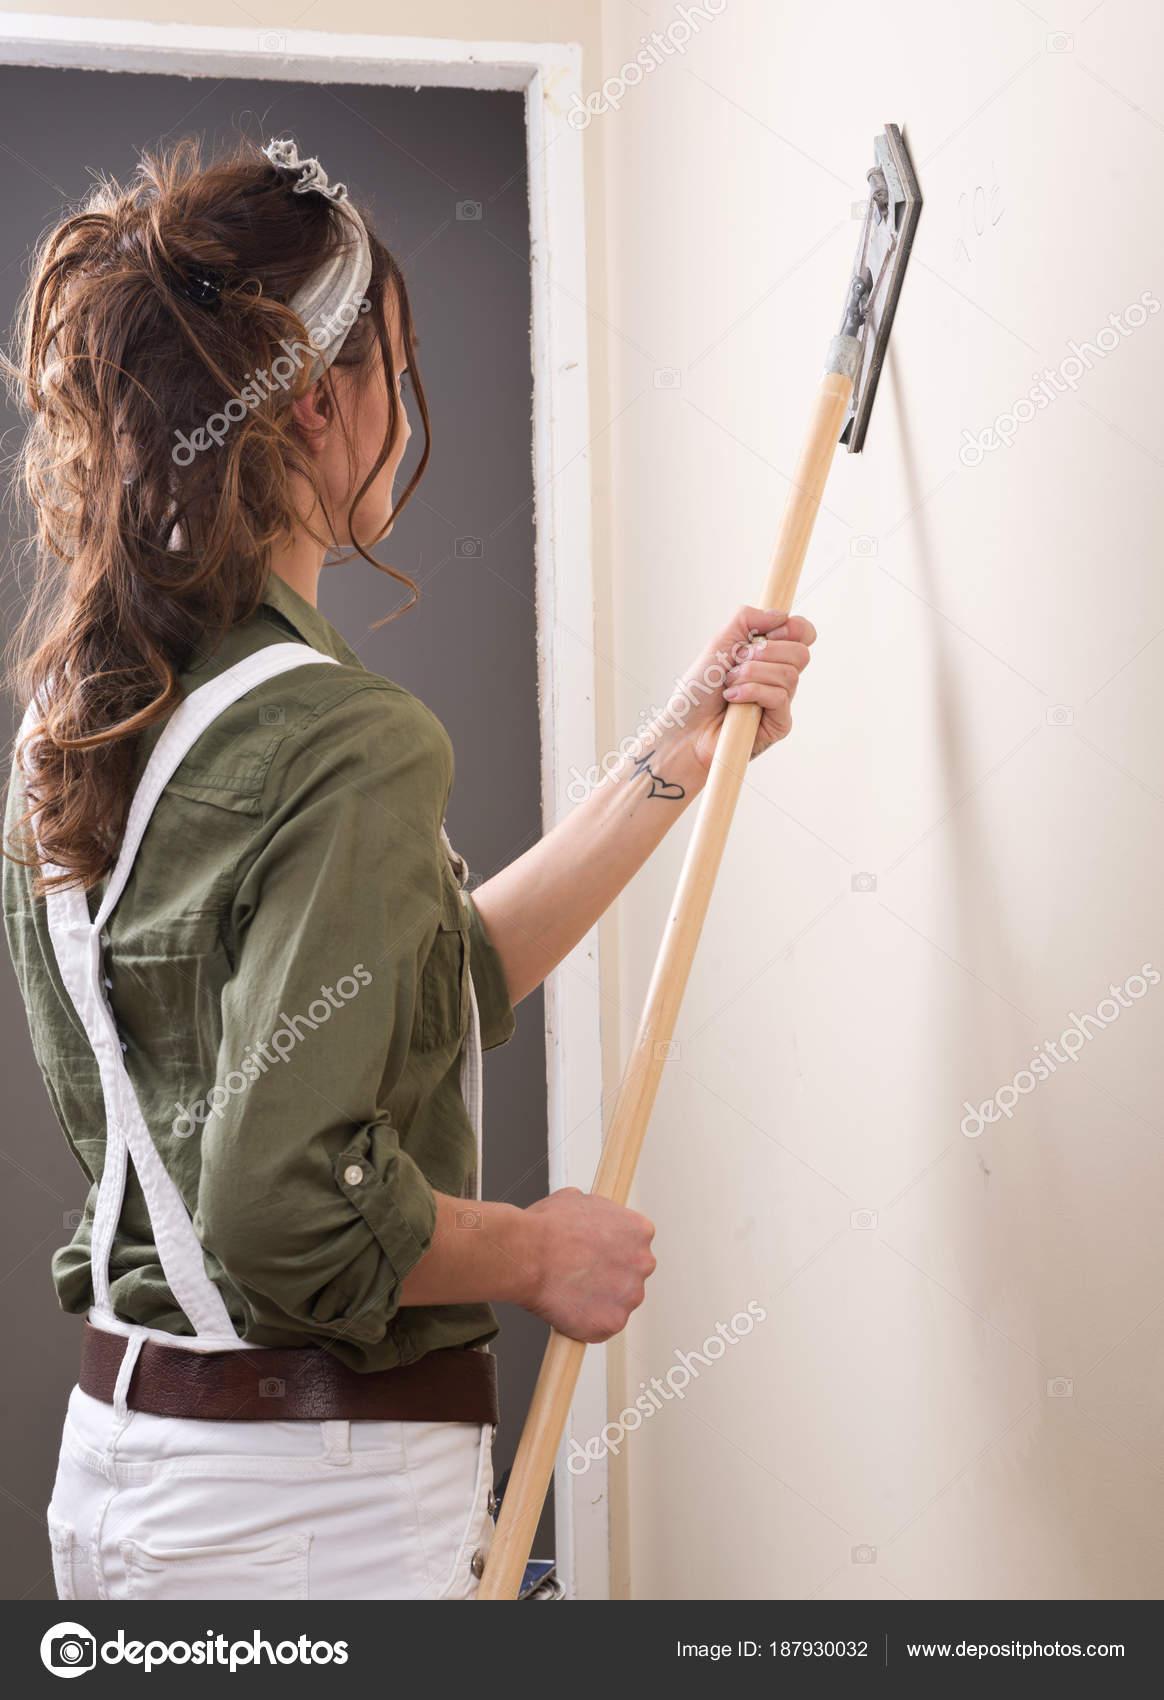 Jeune Femme Est Poncer Mur Avec Ponceuse De Poteau Avant De Peindre Dans La  Maison Sous Le Remodelageu2013 Images De Stock Libres De Droits